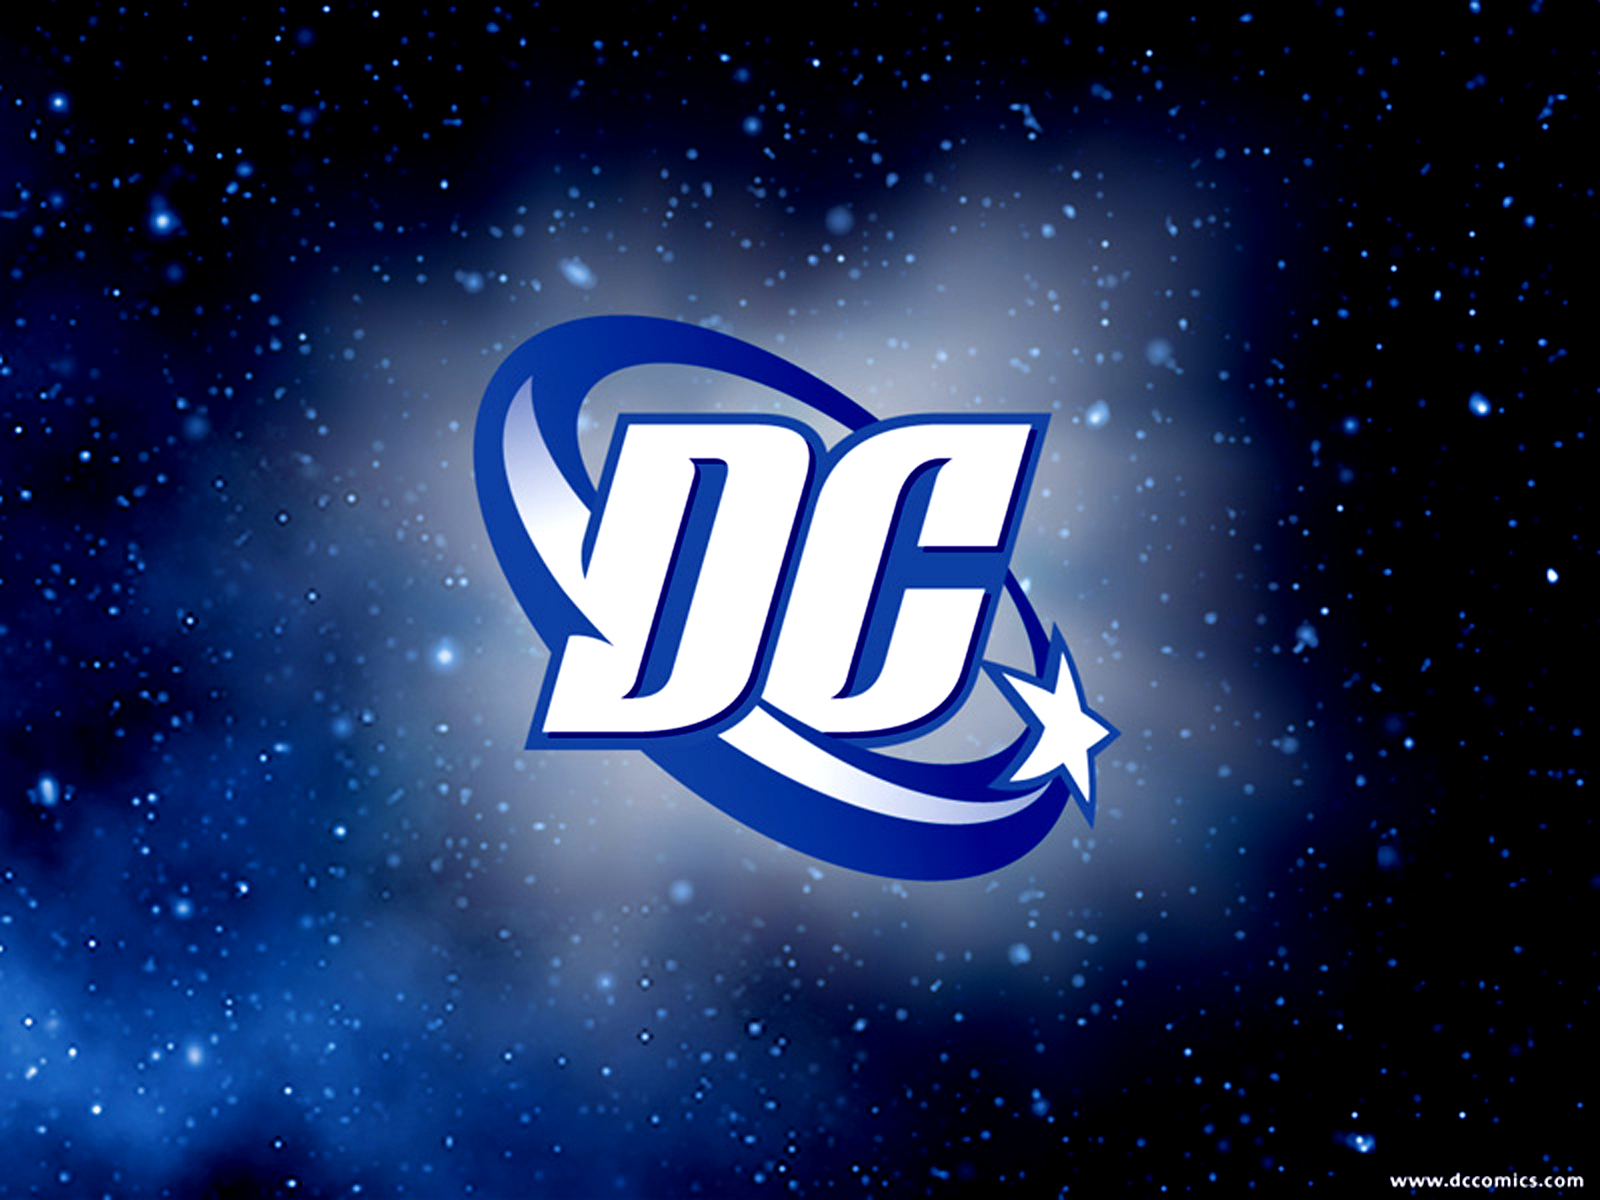 DC_Comics_Super_Heroes_HD_Logo_Wallpaper_www.Vvallpaper.Net_1